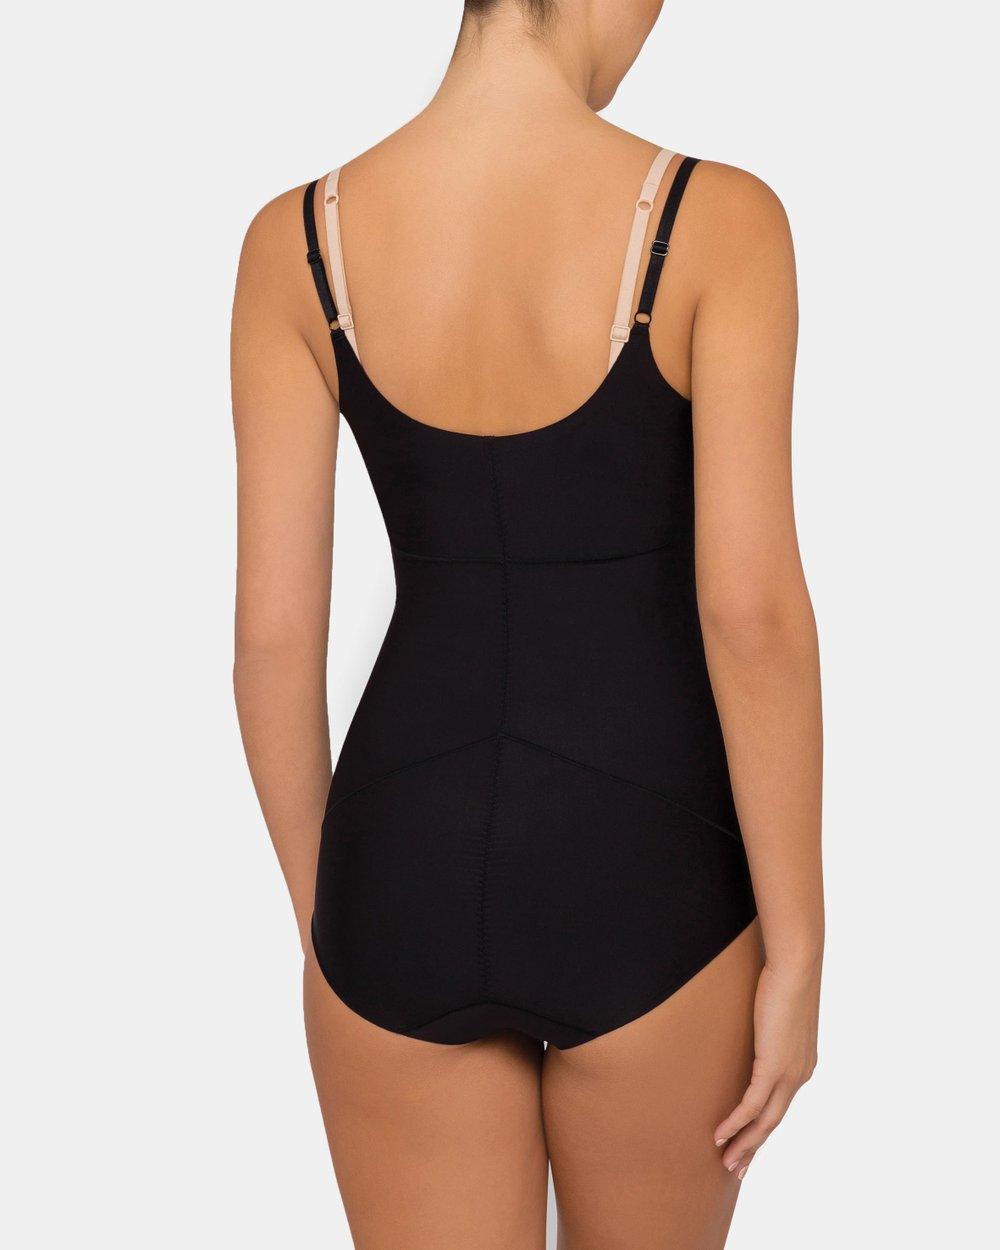 ef4375fe02ecb Body Architect Bodysuit by Nancy Ganz Online